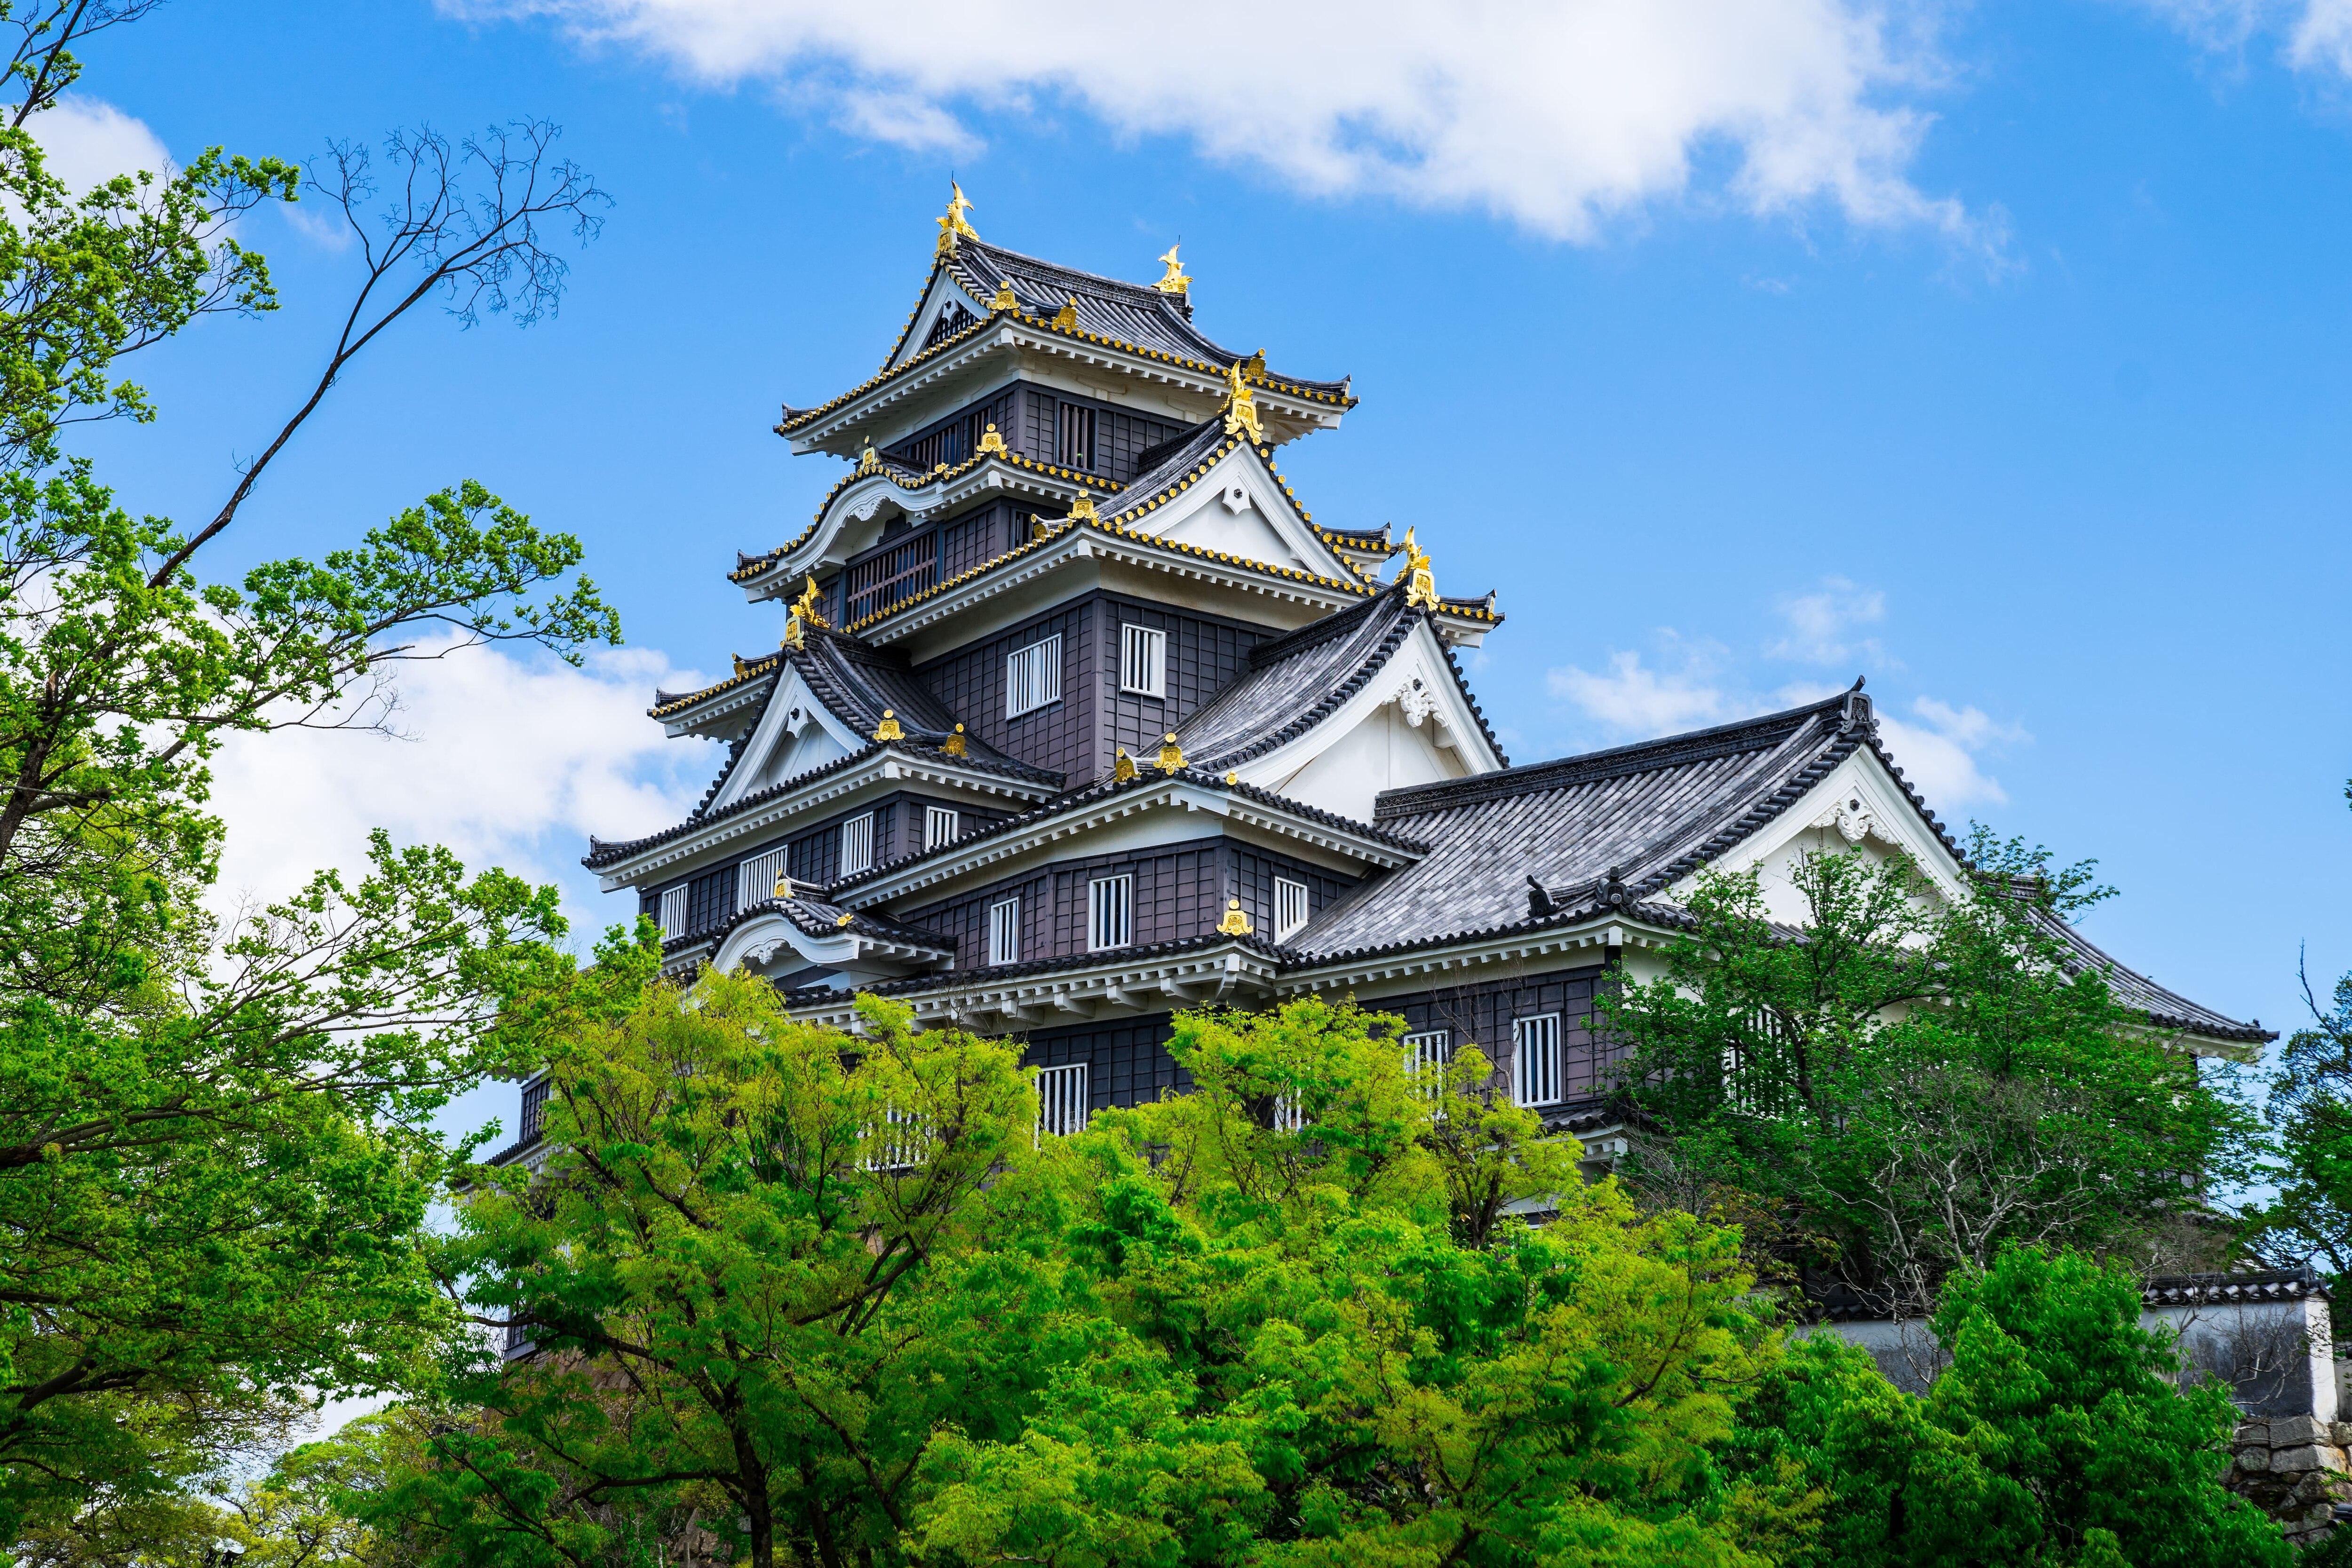 烏城と呼ばれる黒壁の天守に登ろう!岡山城の観光の見どころを徹底紹介!